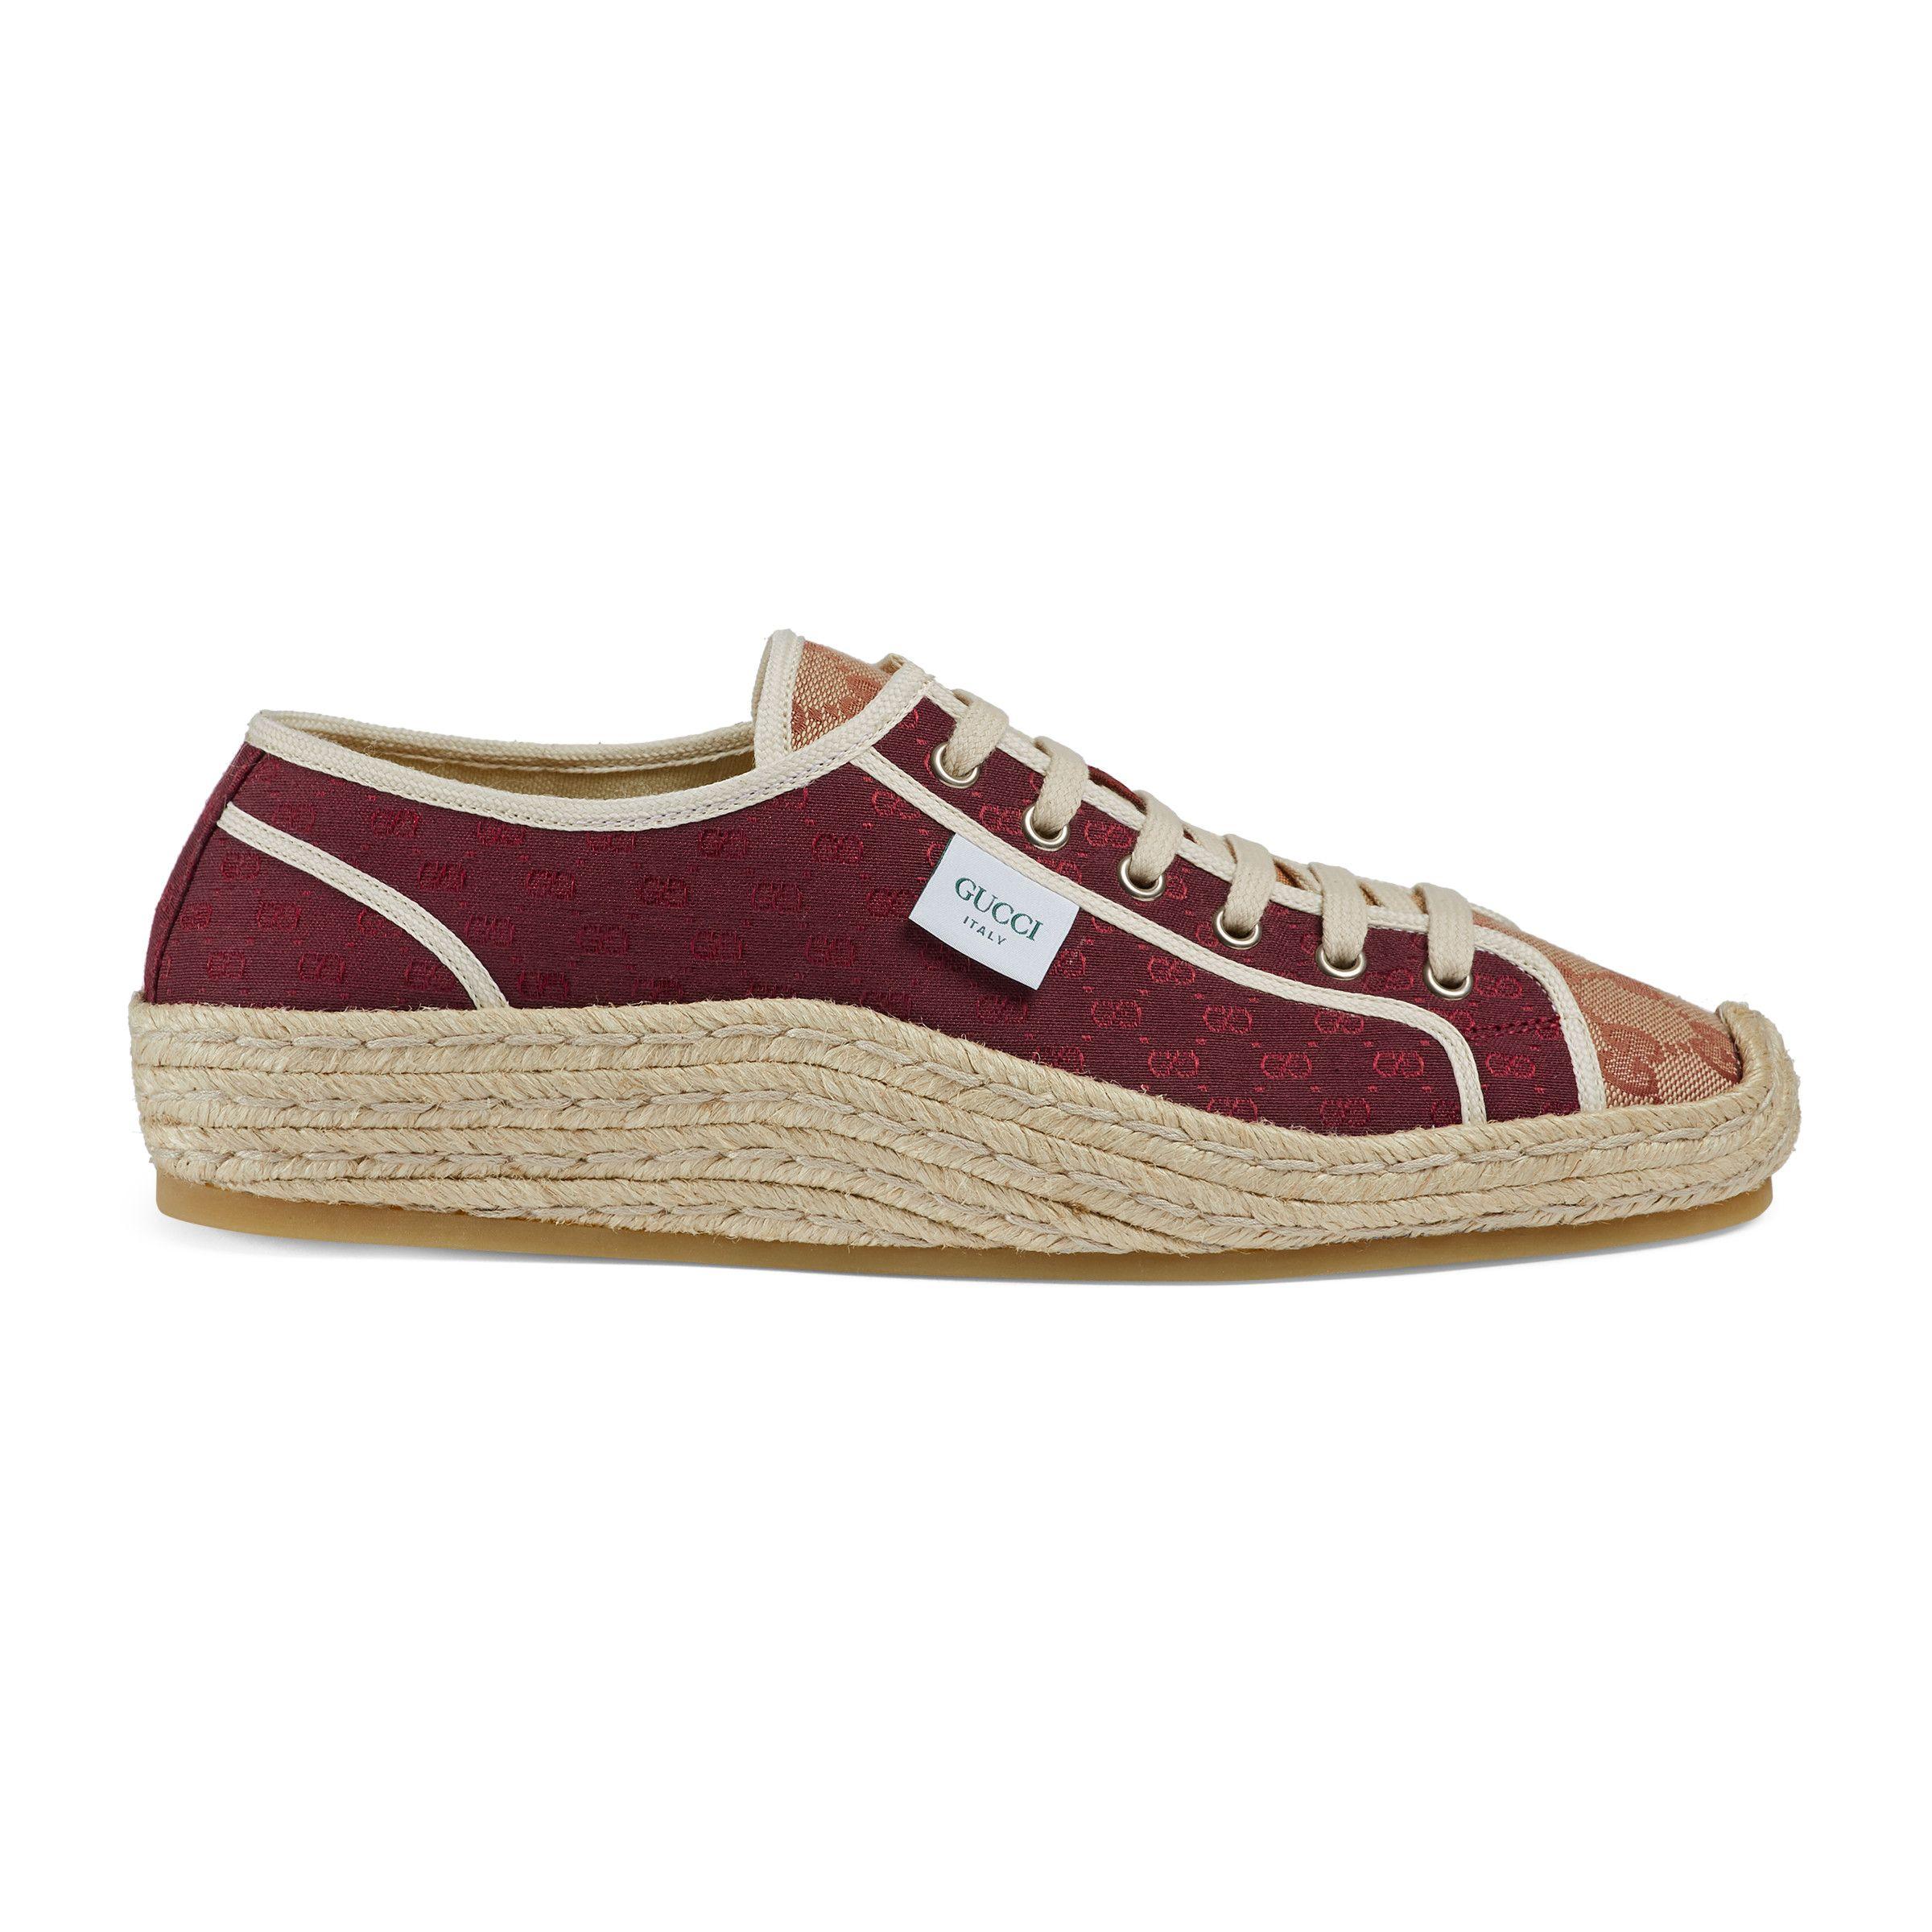 Gucci fashion, Gucci, Espadrille sneakers